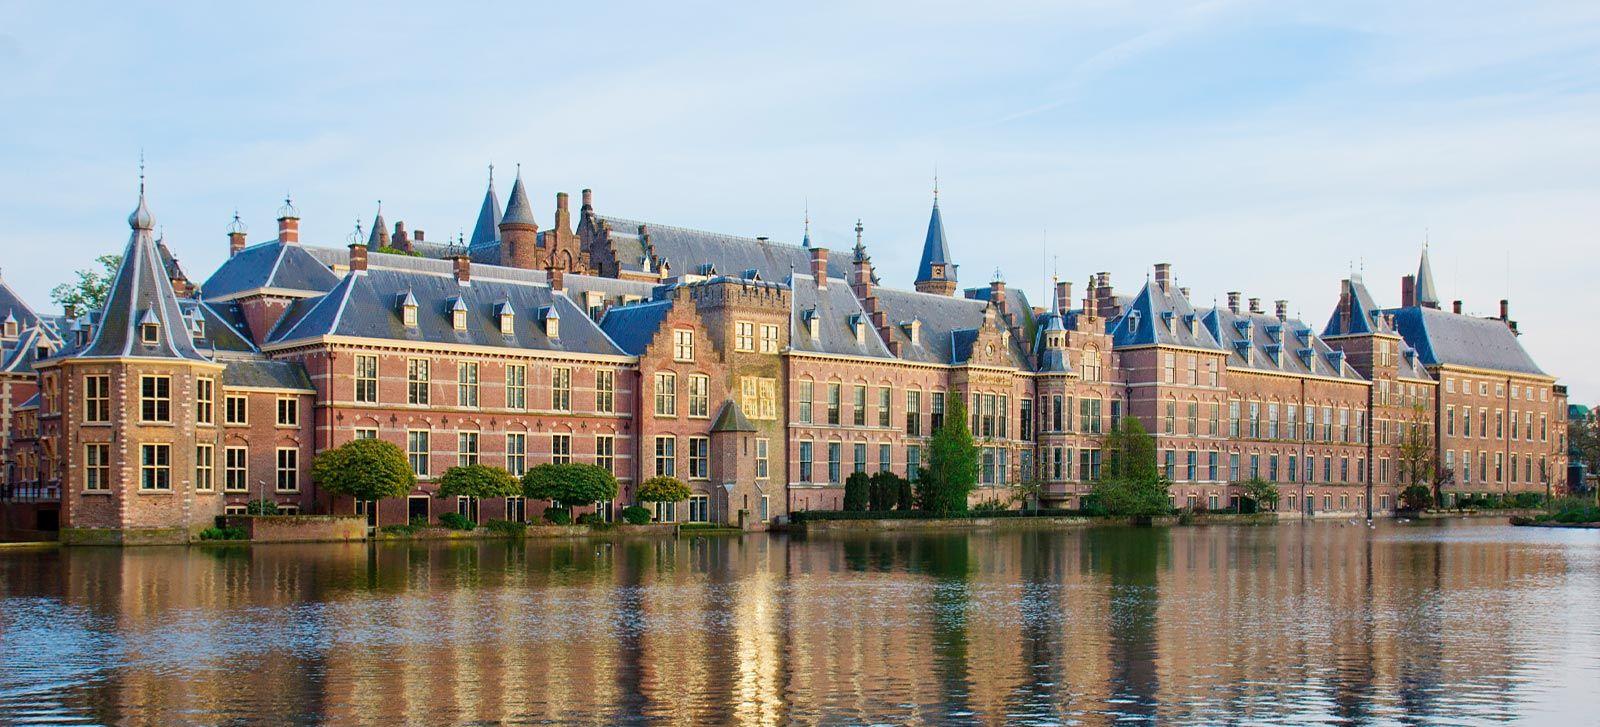 Замок Бинненхоф в Гааге, Нидерланды